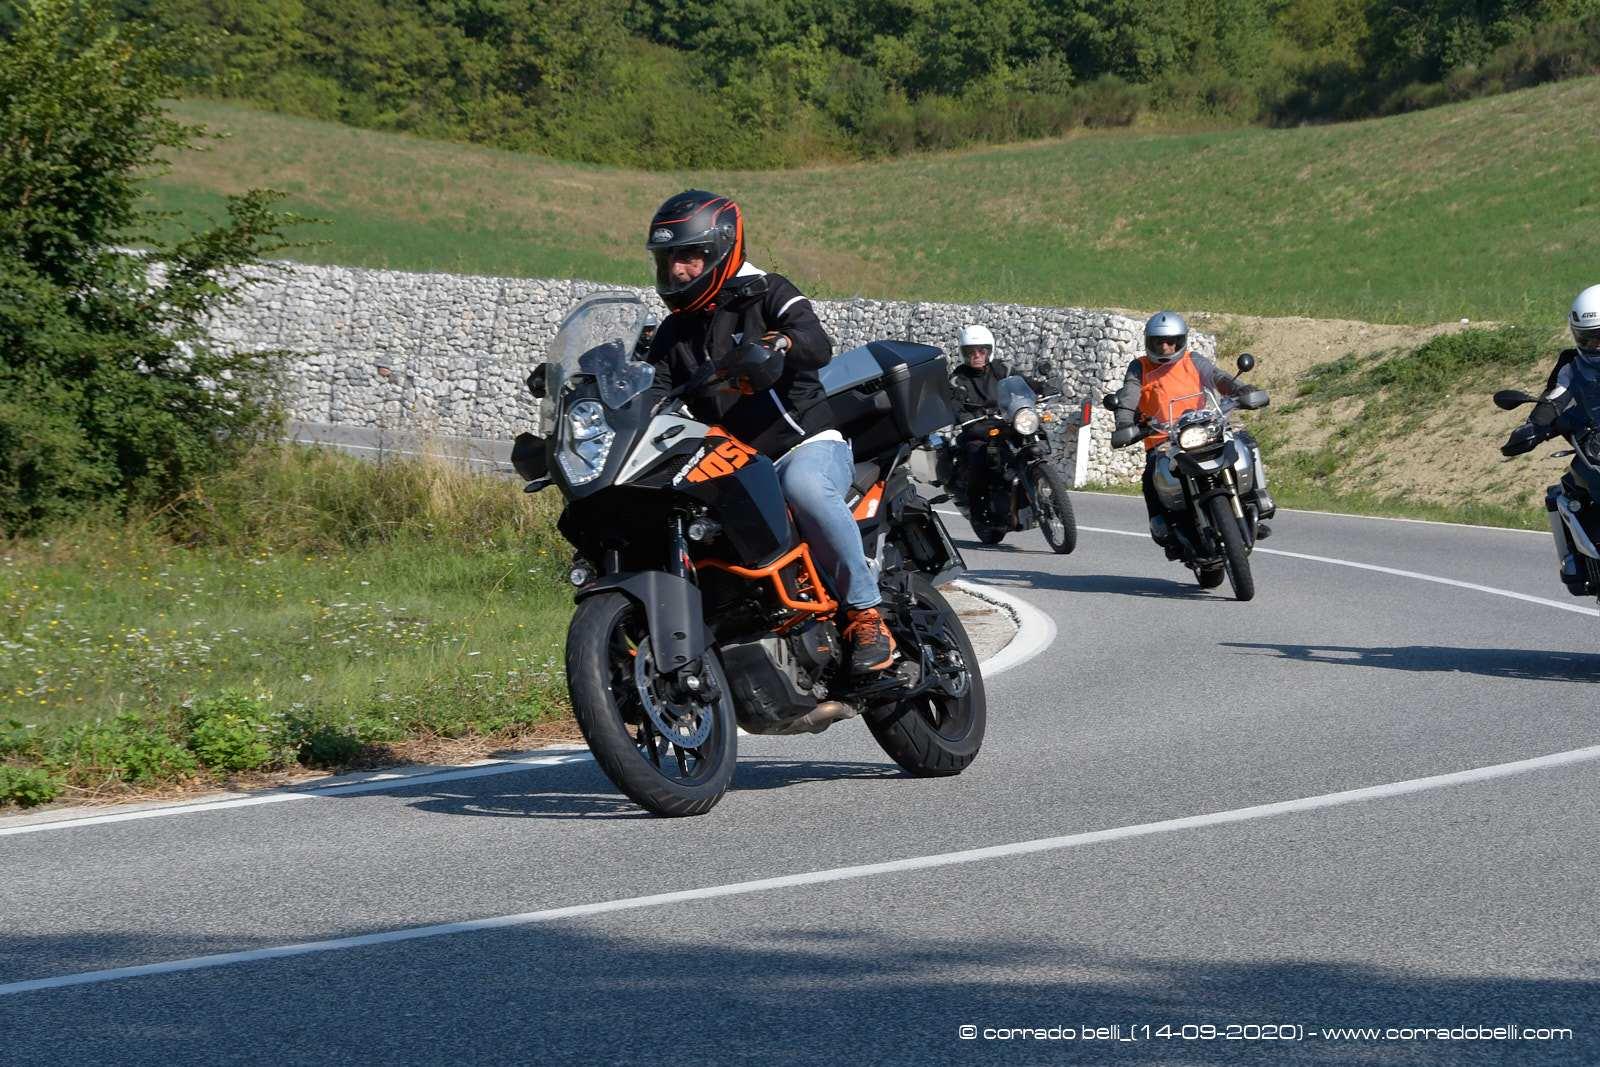 0101_-Benelli-Week-14-09-20